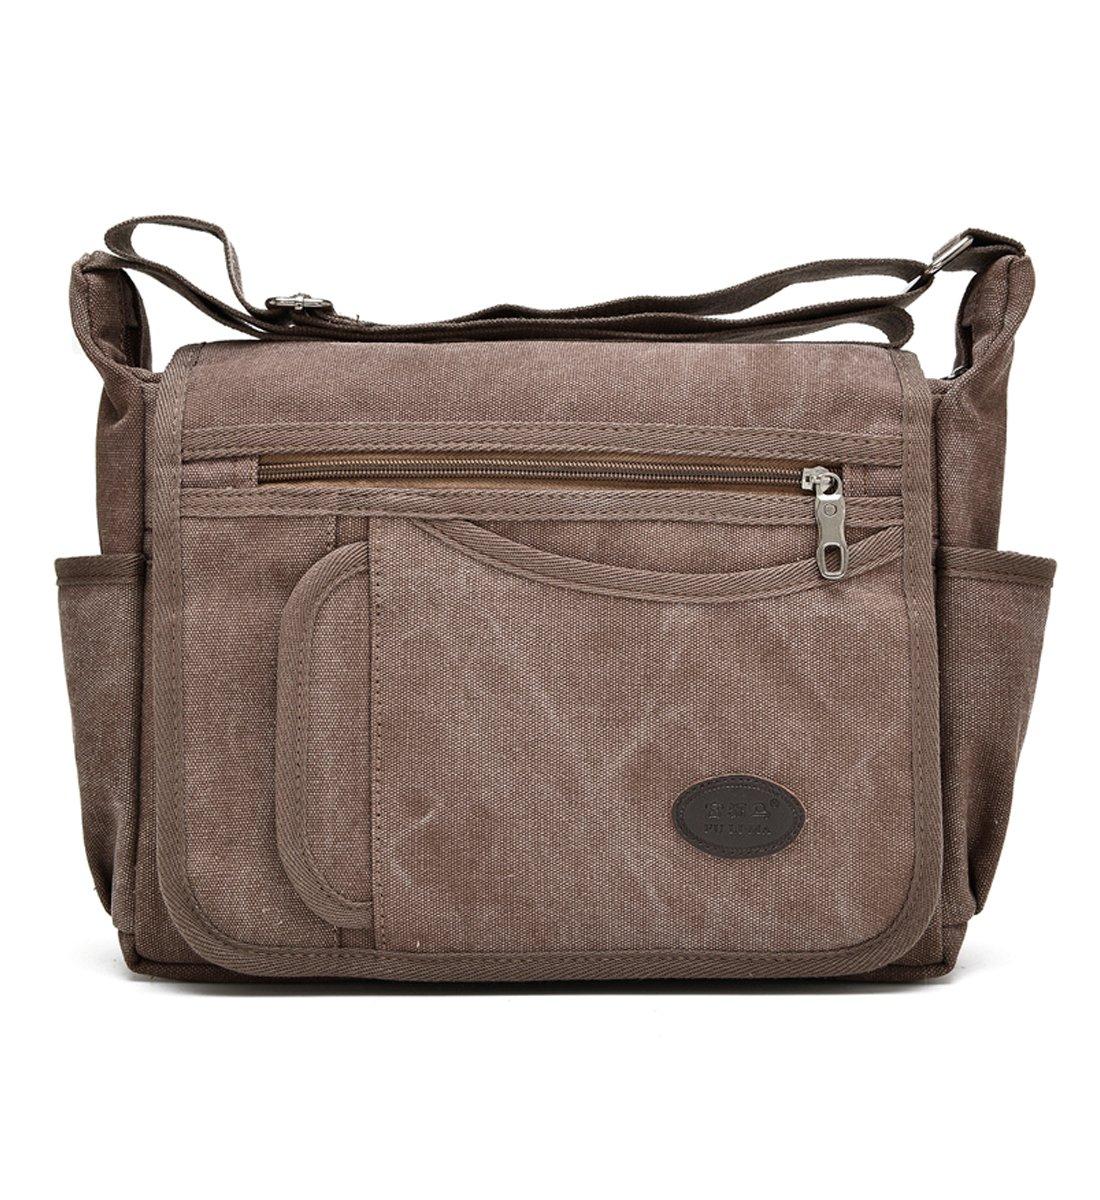 Degohome Messenger Bag Vintage Retro Canvas Business shoulder bag Crossbody Travel Bag (Normal size, coffee)